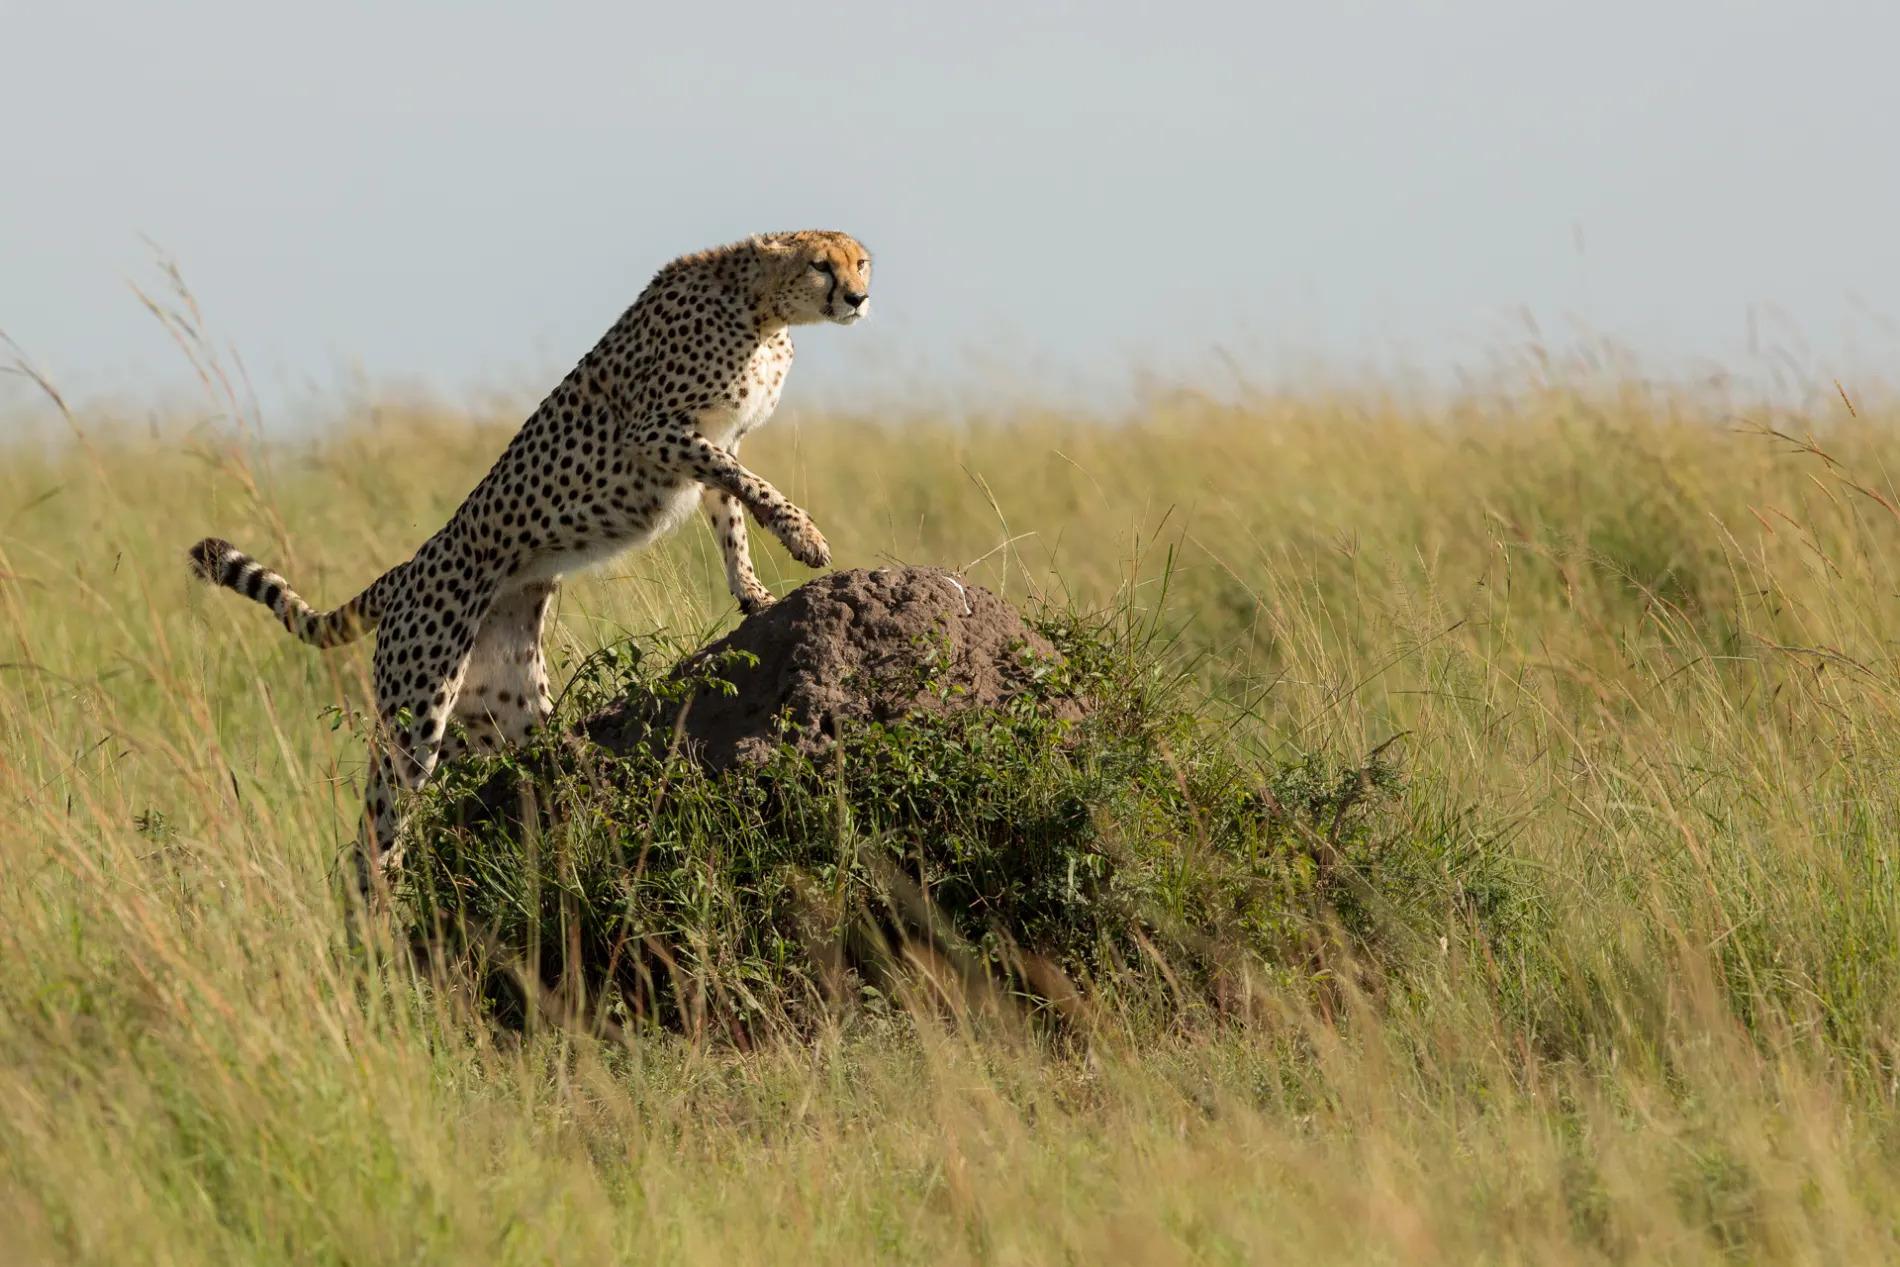 Cheetah climbing on mound